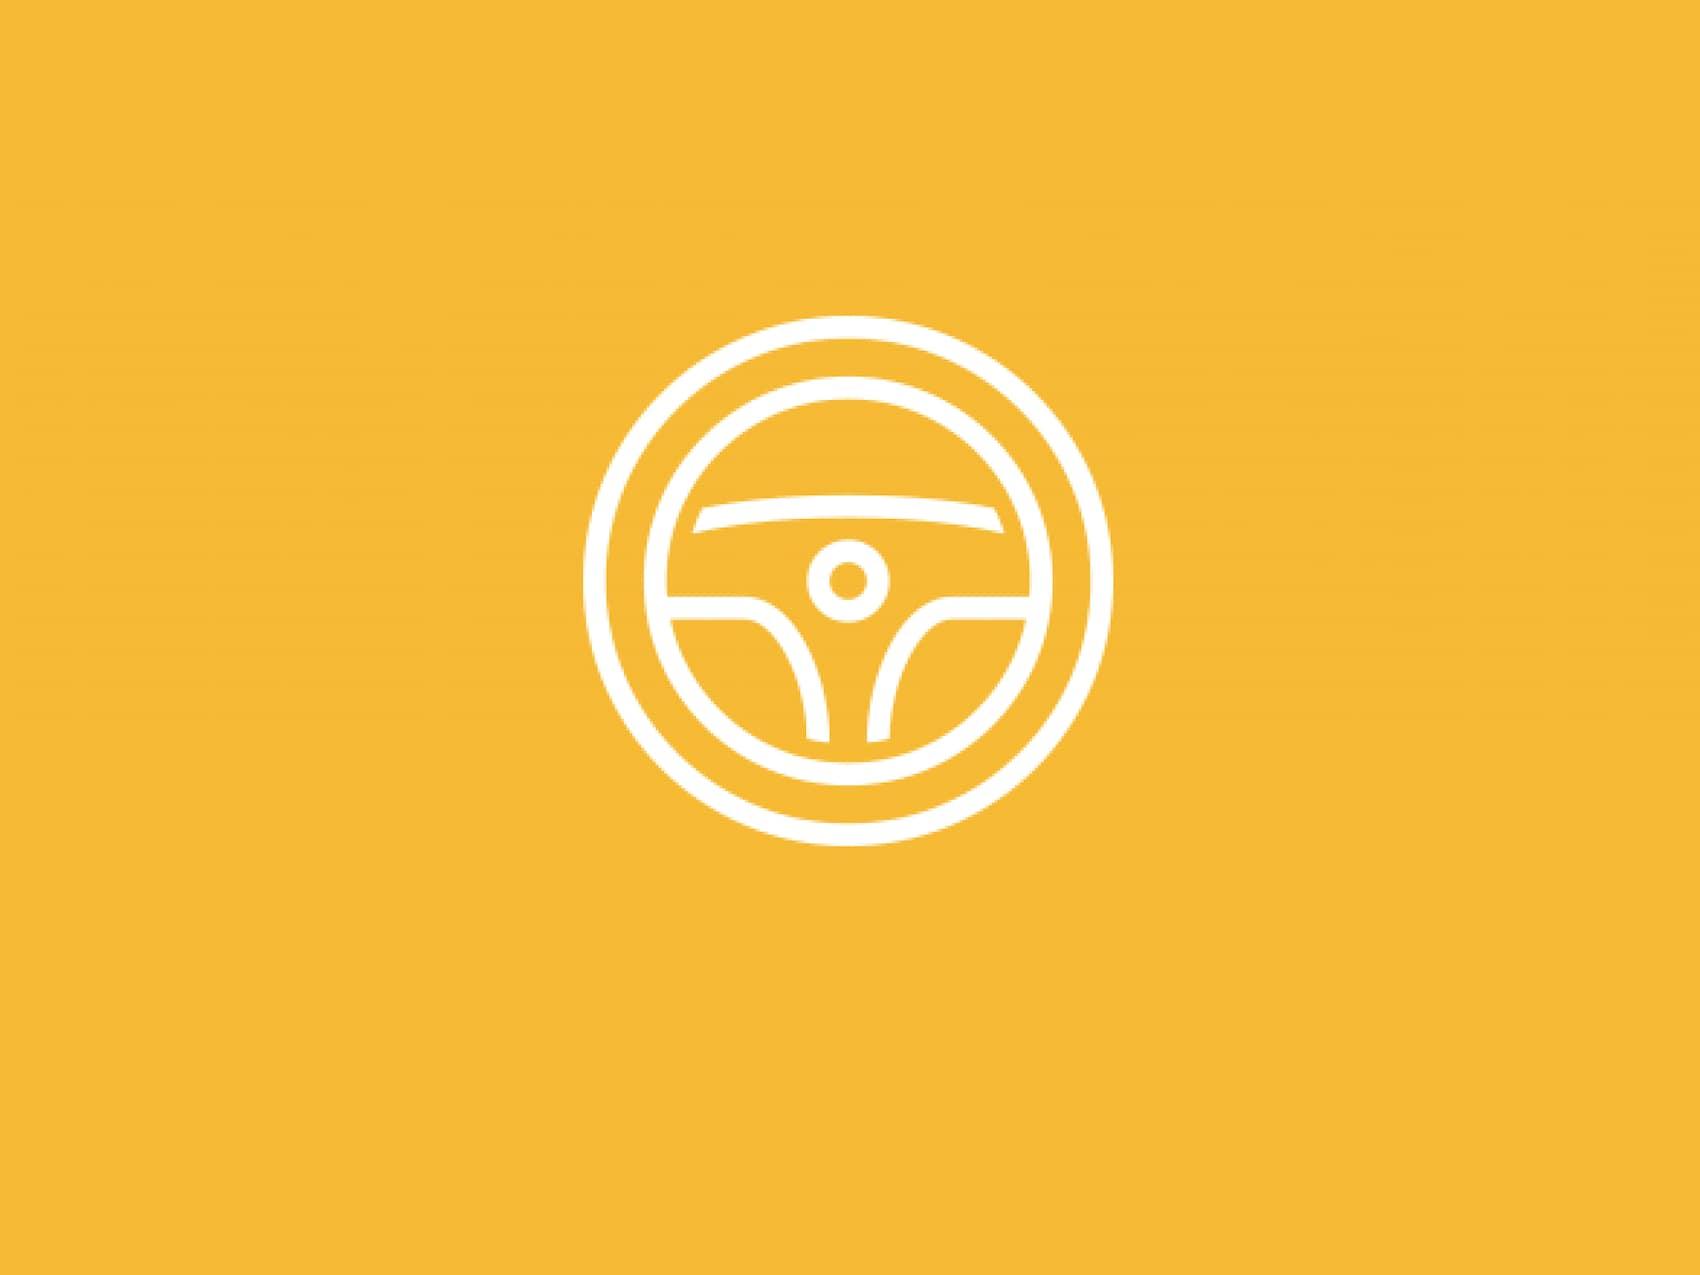 test-drvie-icon-4